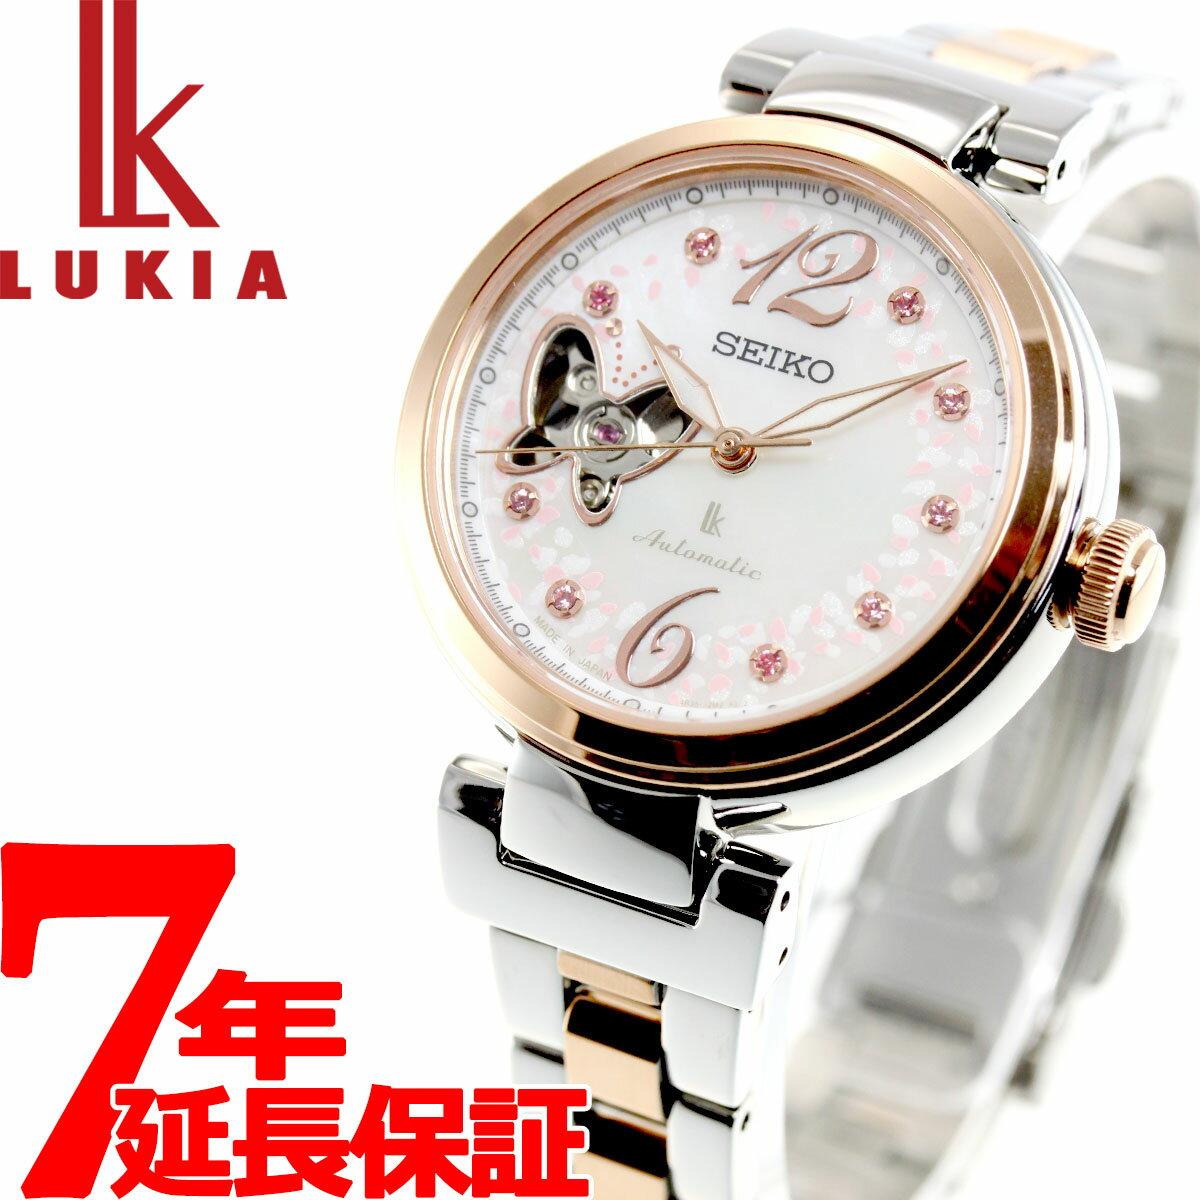 セイコー ルキア SEIKO LUKIA メカニカル 自動巻き 2019 SAKURA Blooming 限定モデル 腕時計 レディース 綾瀬はるか イメージキャラクター SSQVM050【2019 新作】